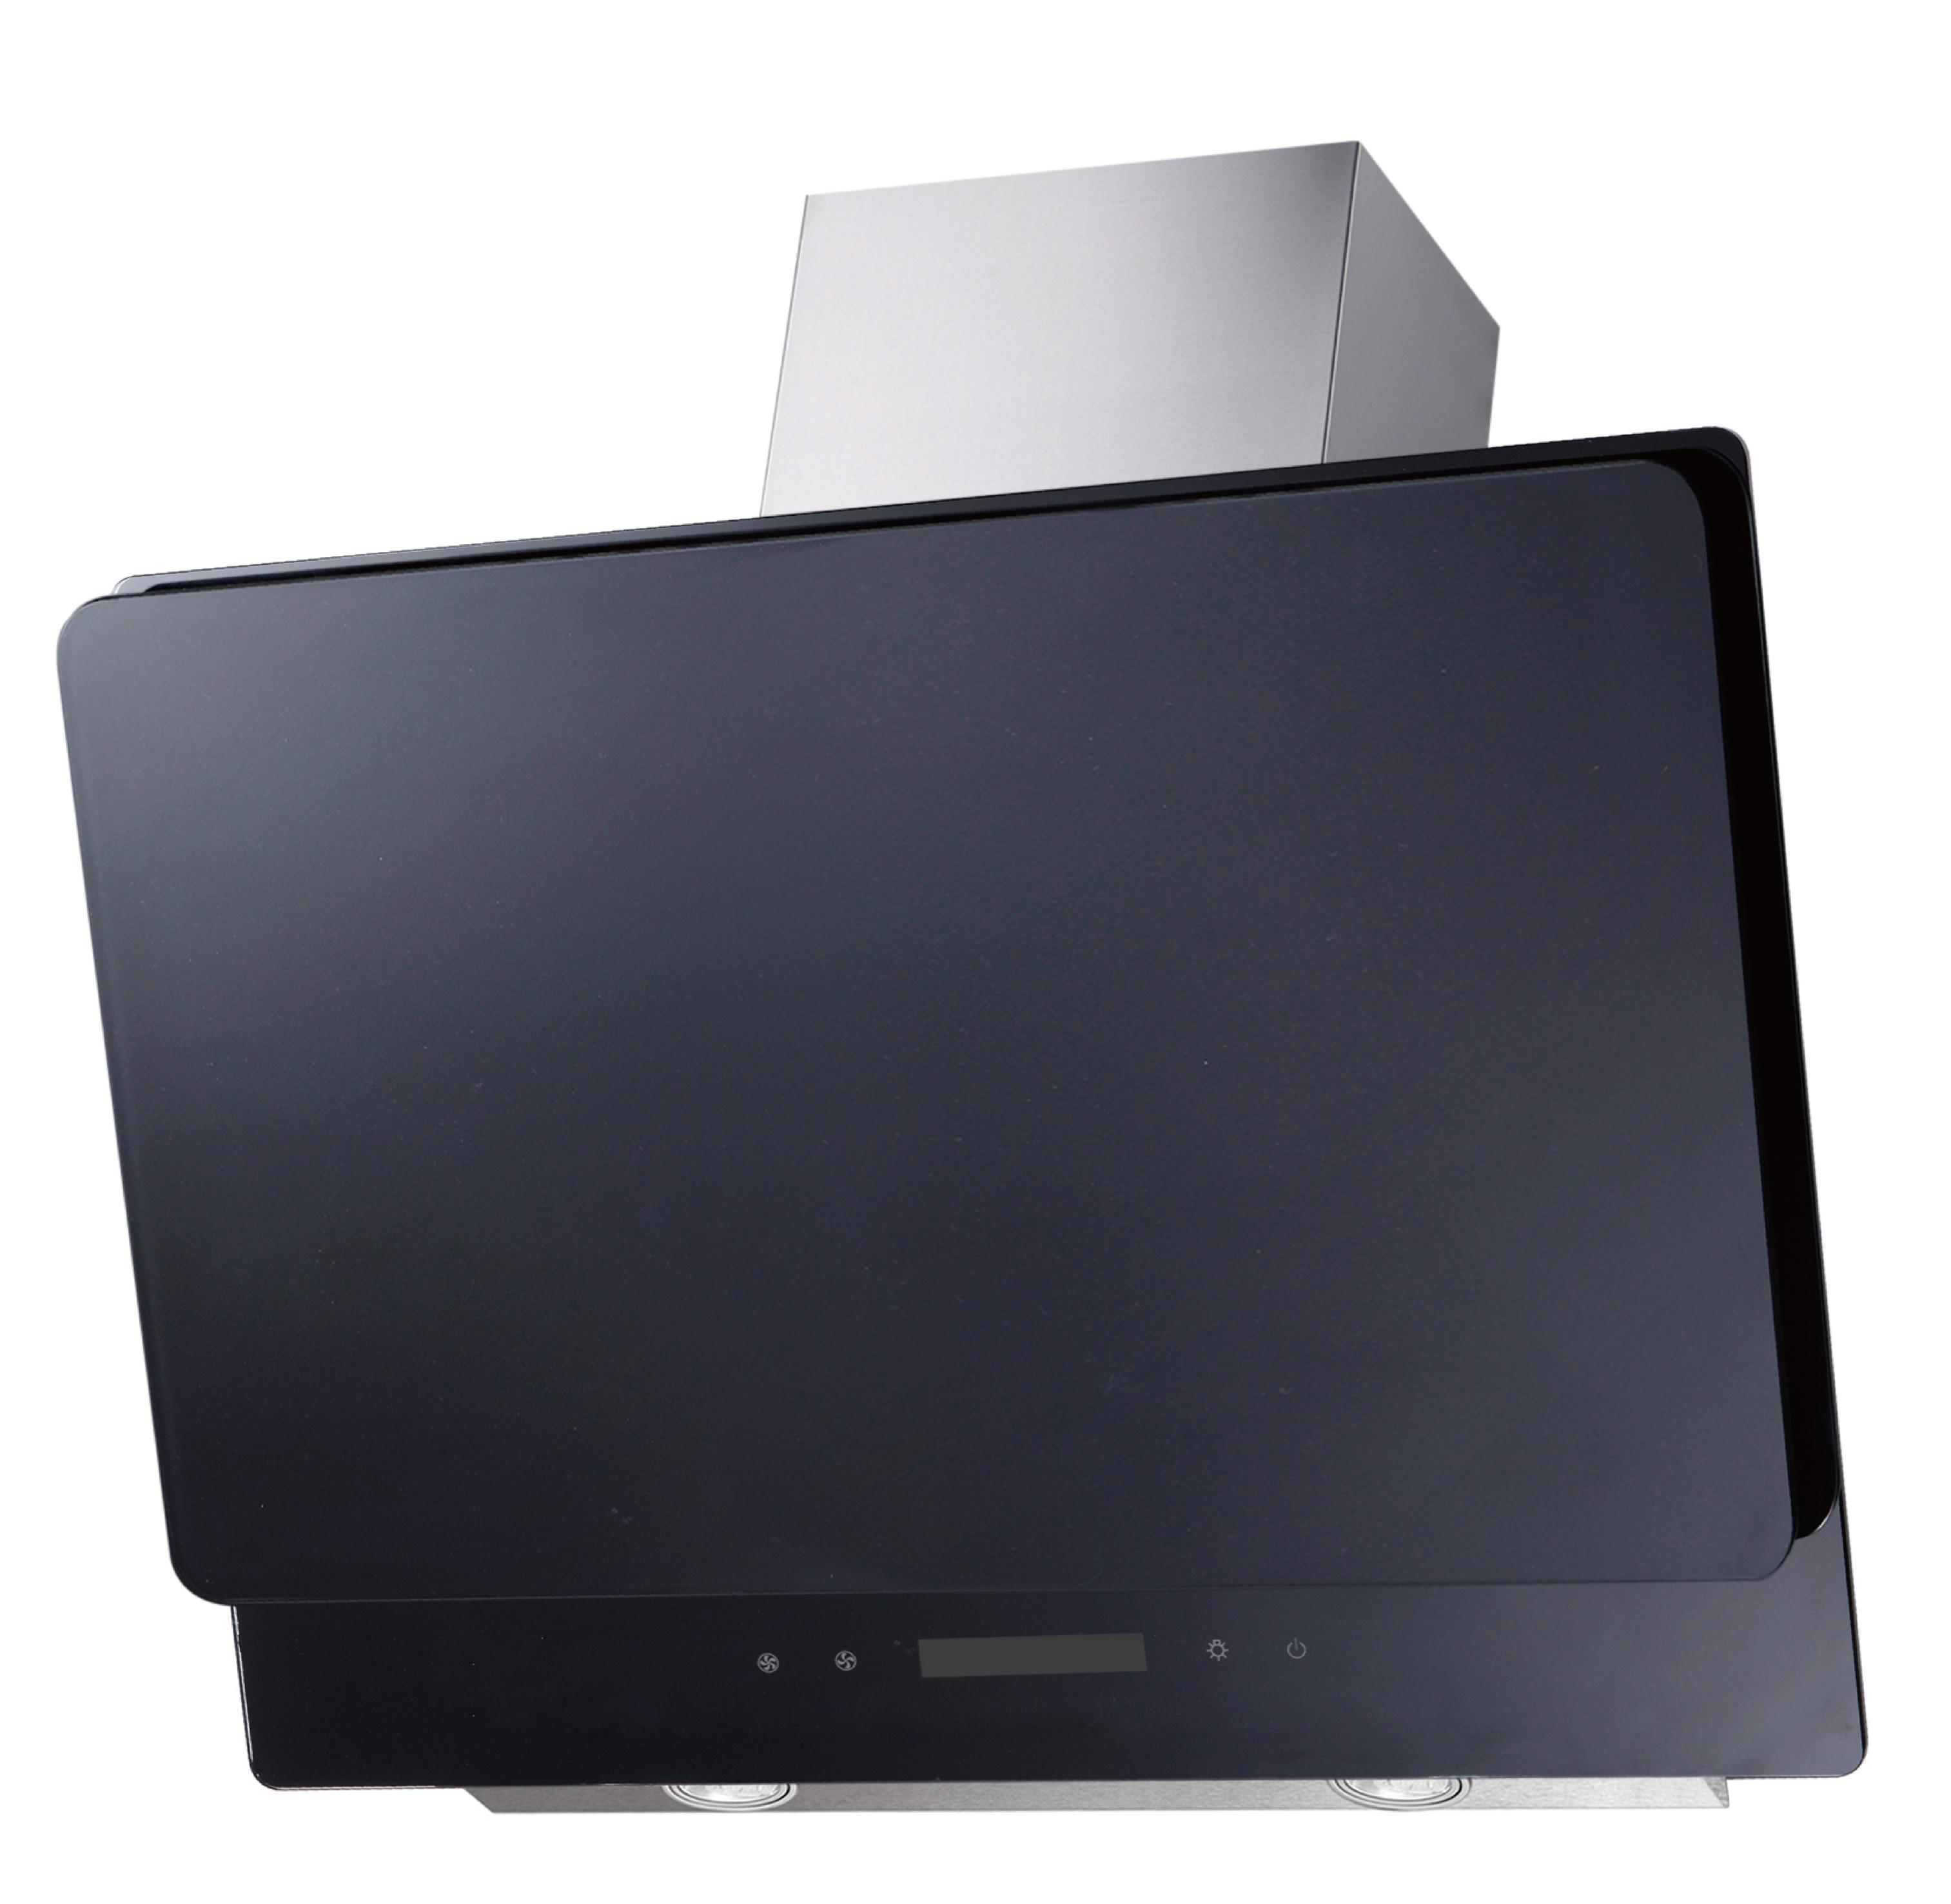 dunstabzugshaube schr ghaube wandhaube kopffrei glas 60 cm schwarz led respekta ebay. Black Bedroom Furniture Sets. Home Design Ideas